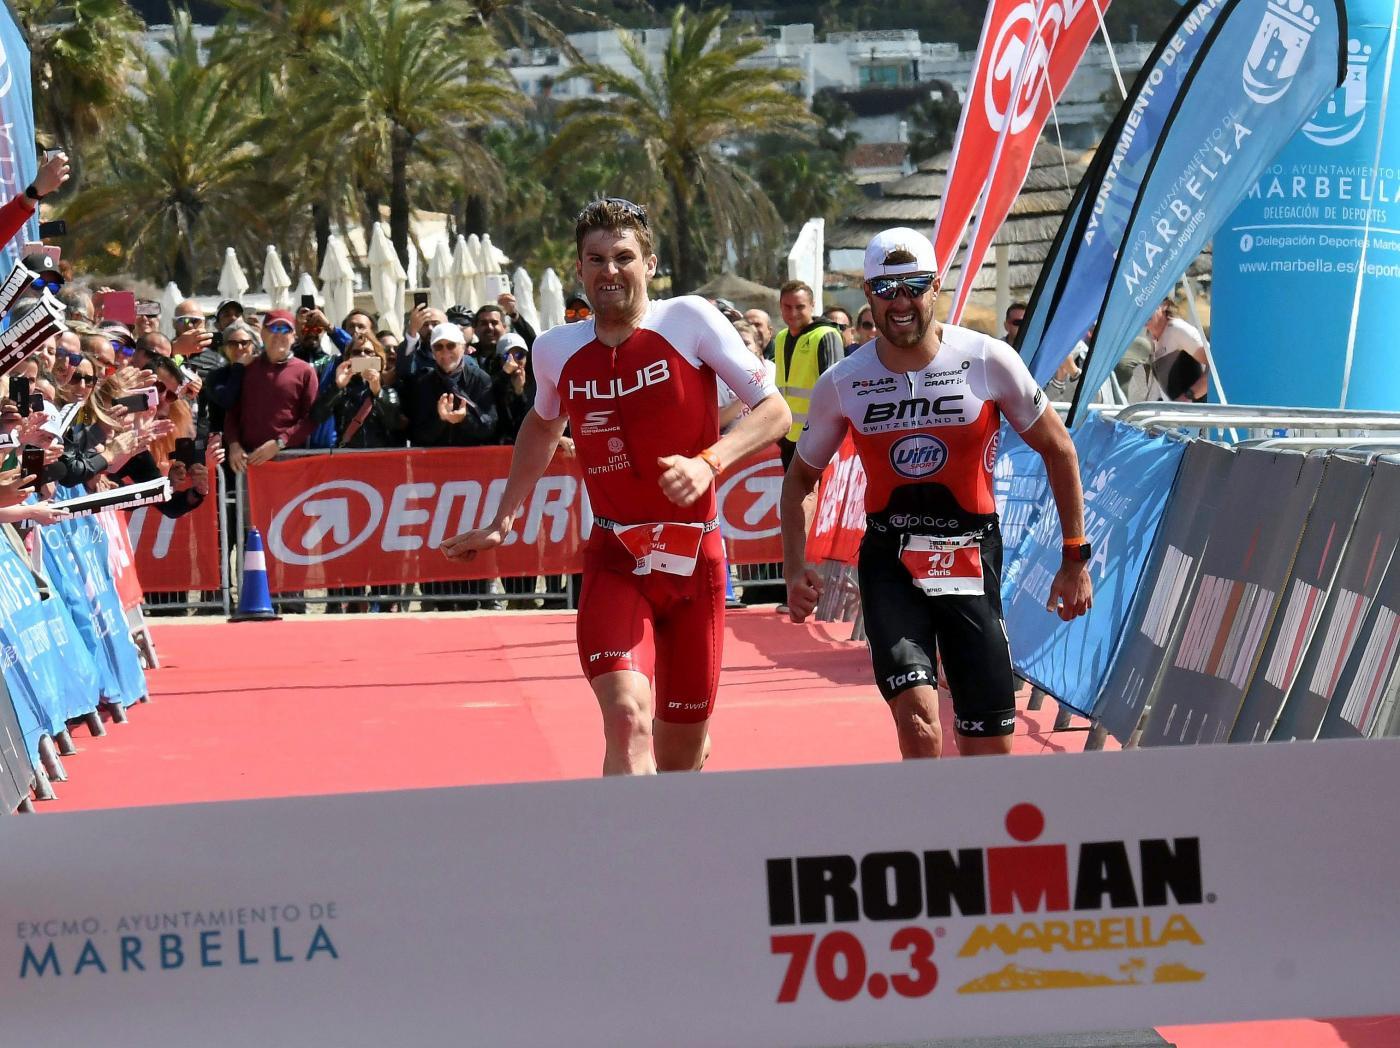 Ironman 70.3 Marbella 2018 - Marbella Unique Properties real estate in Puerto Banus